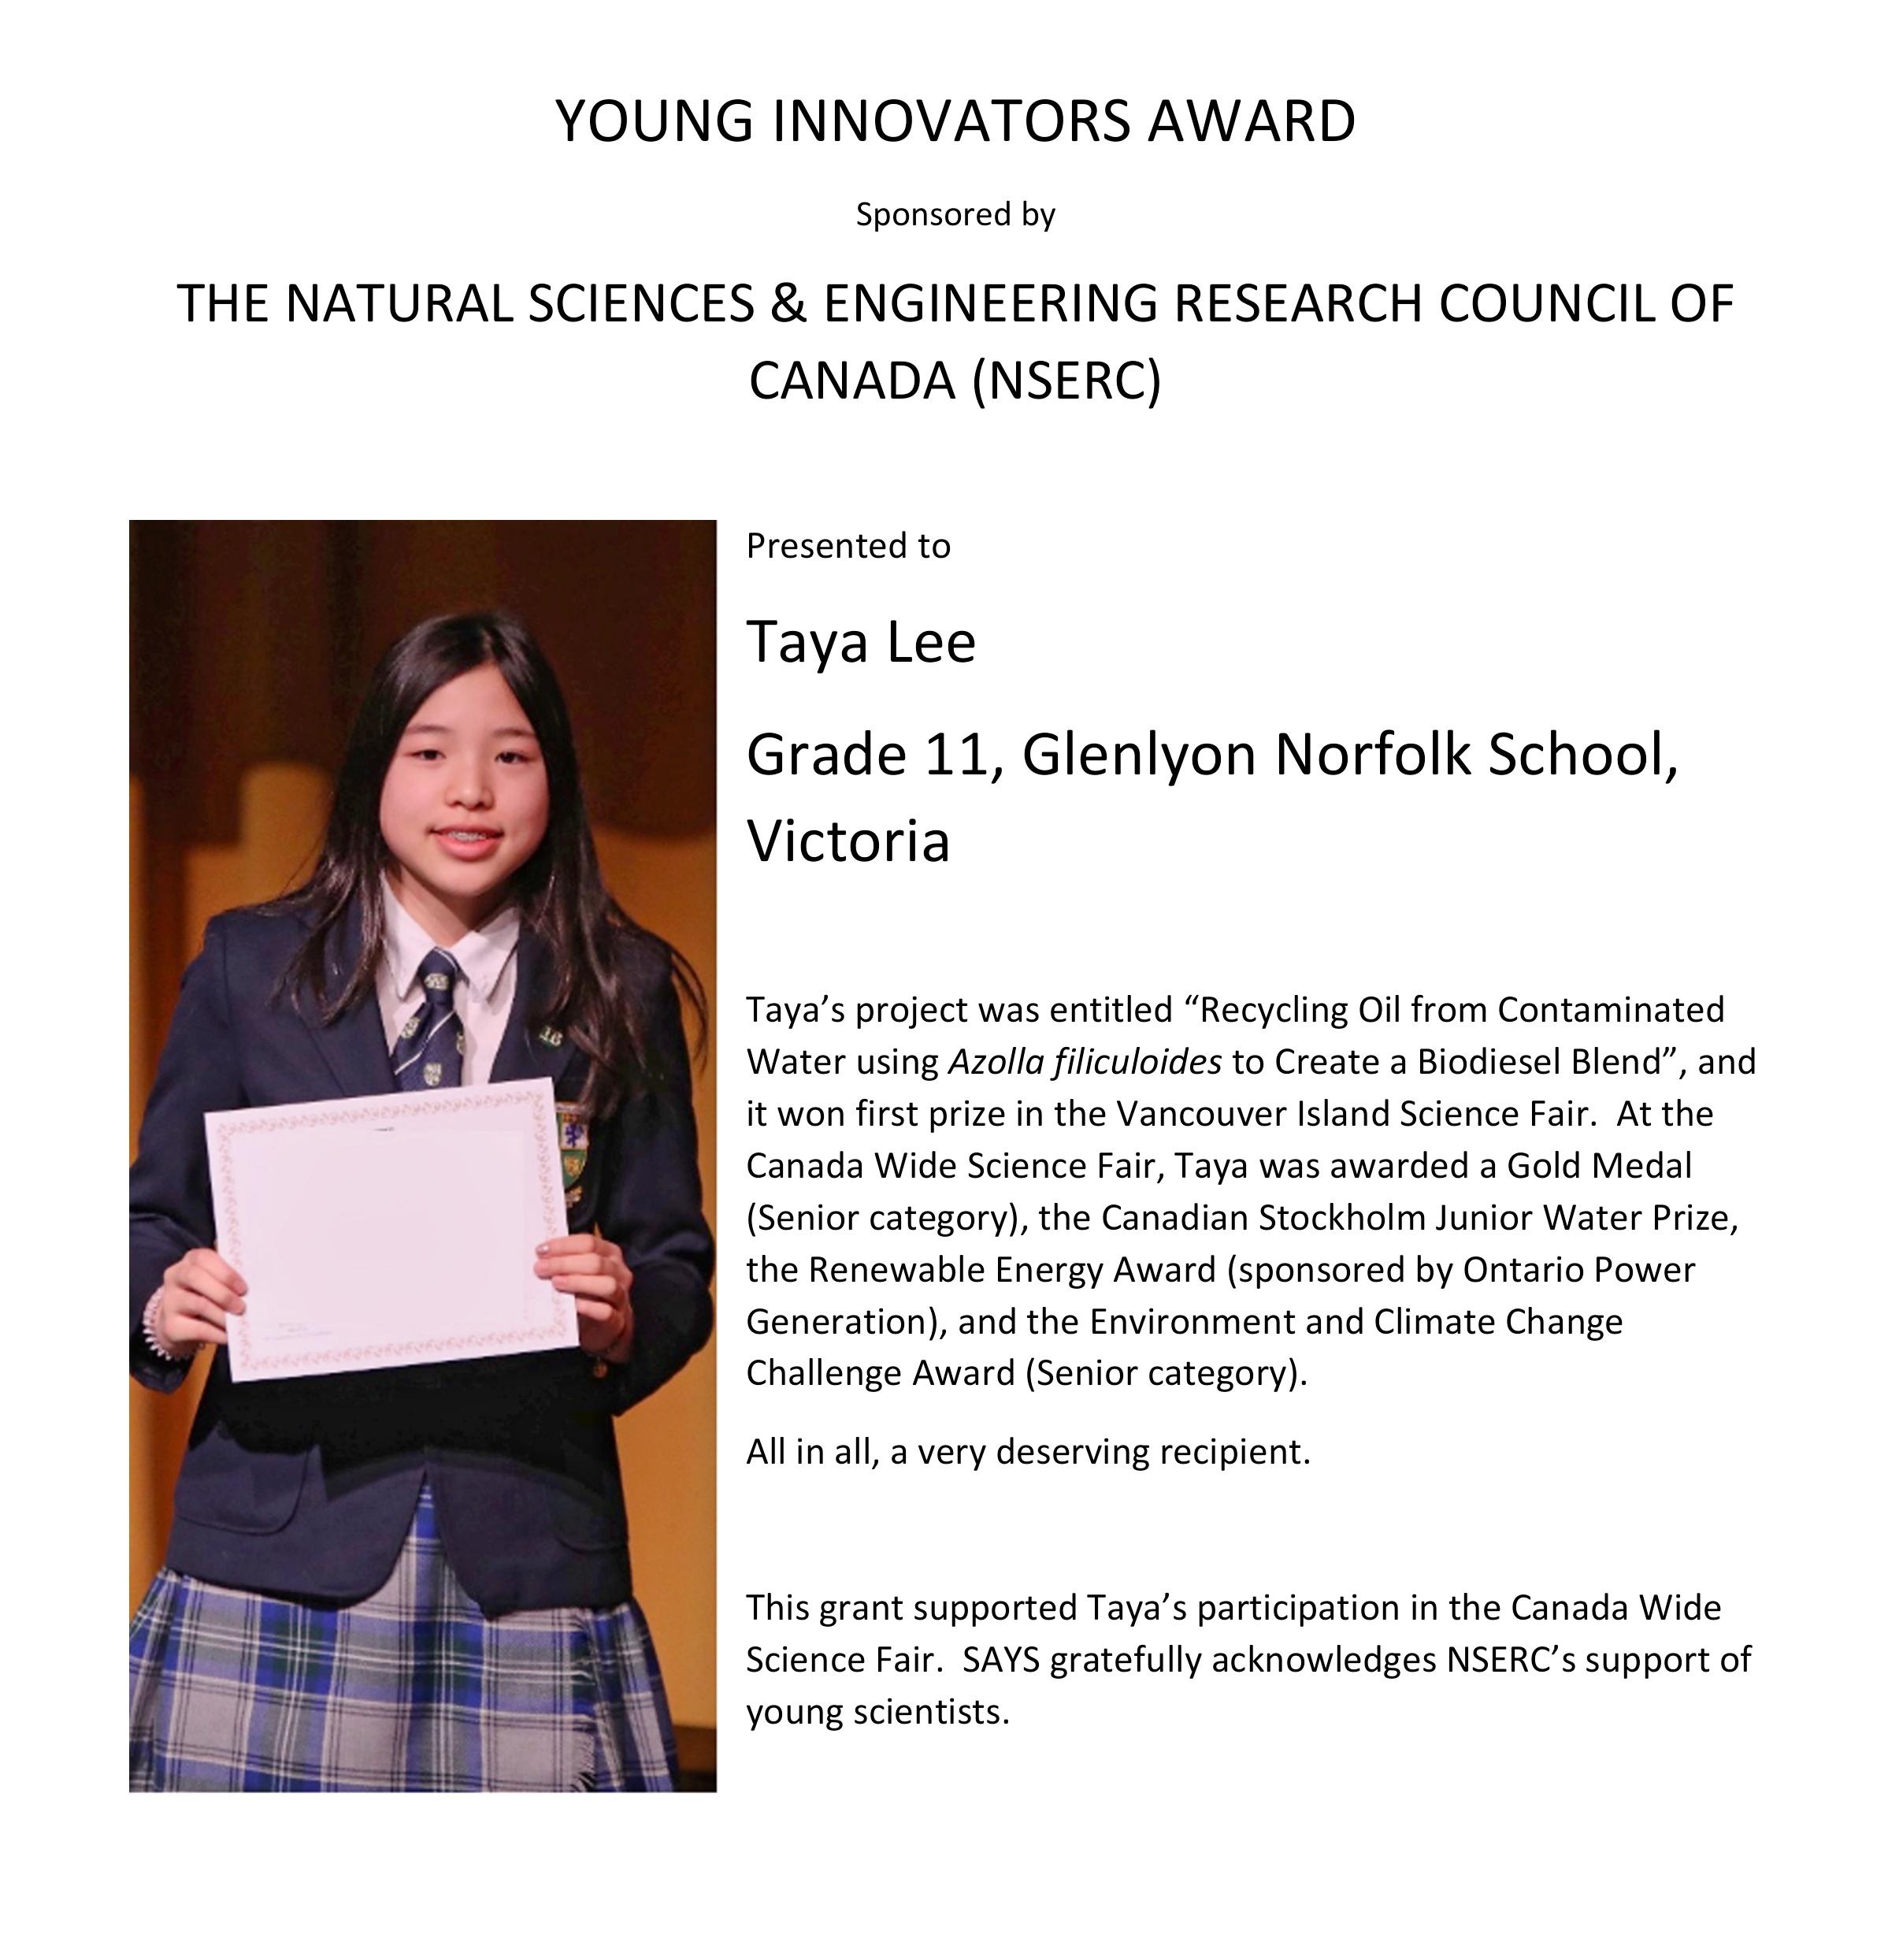 YOUNG_INNOVATORS_AWARD_Taya_Lee